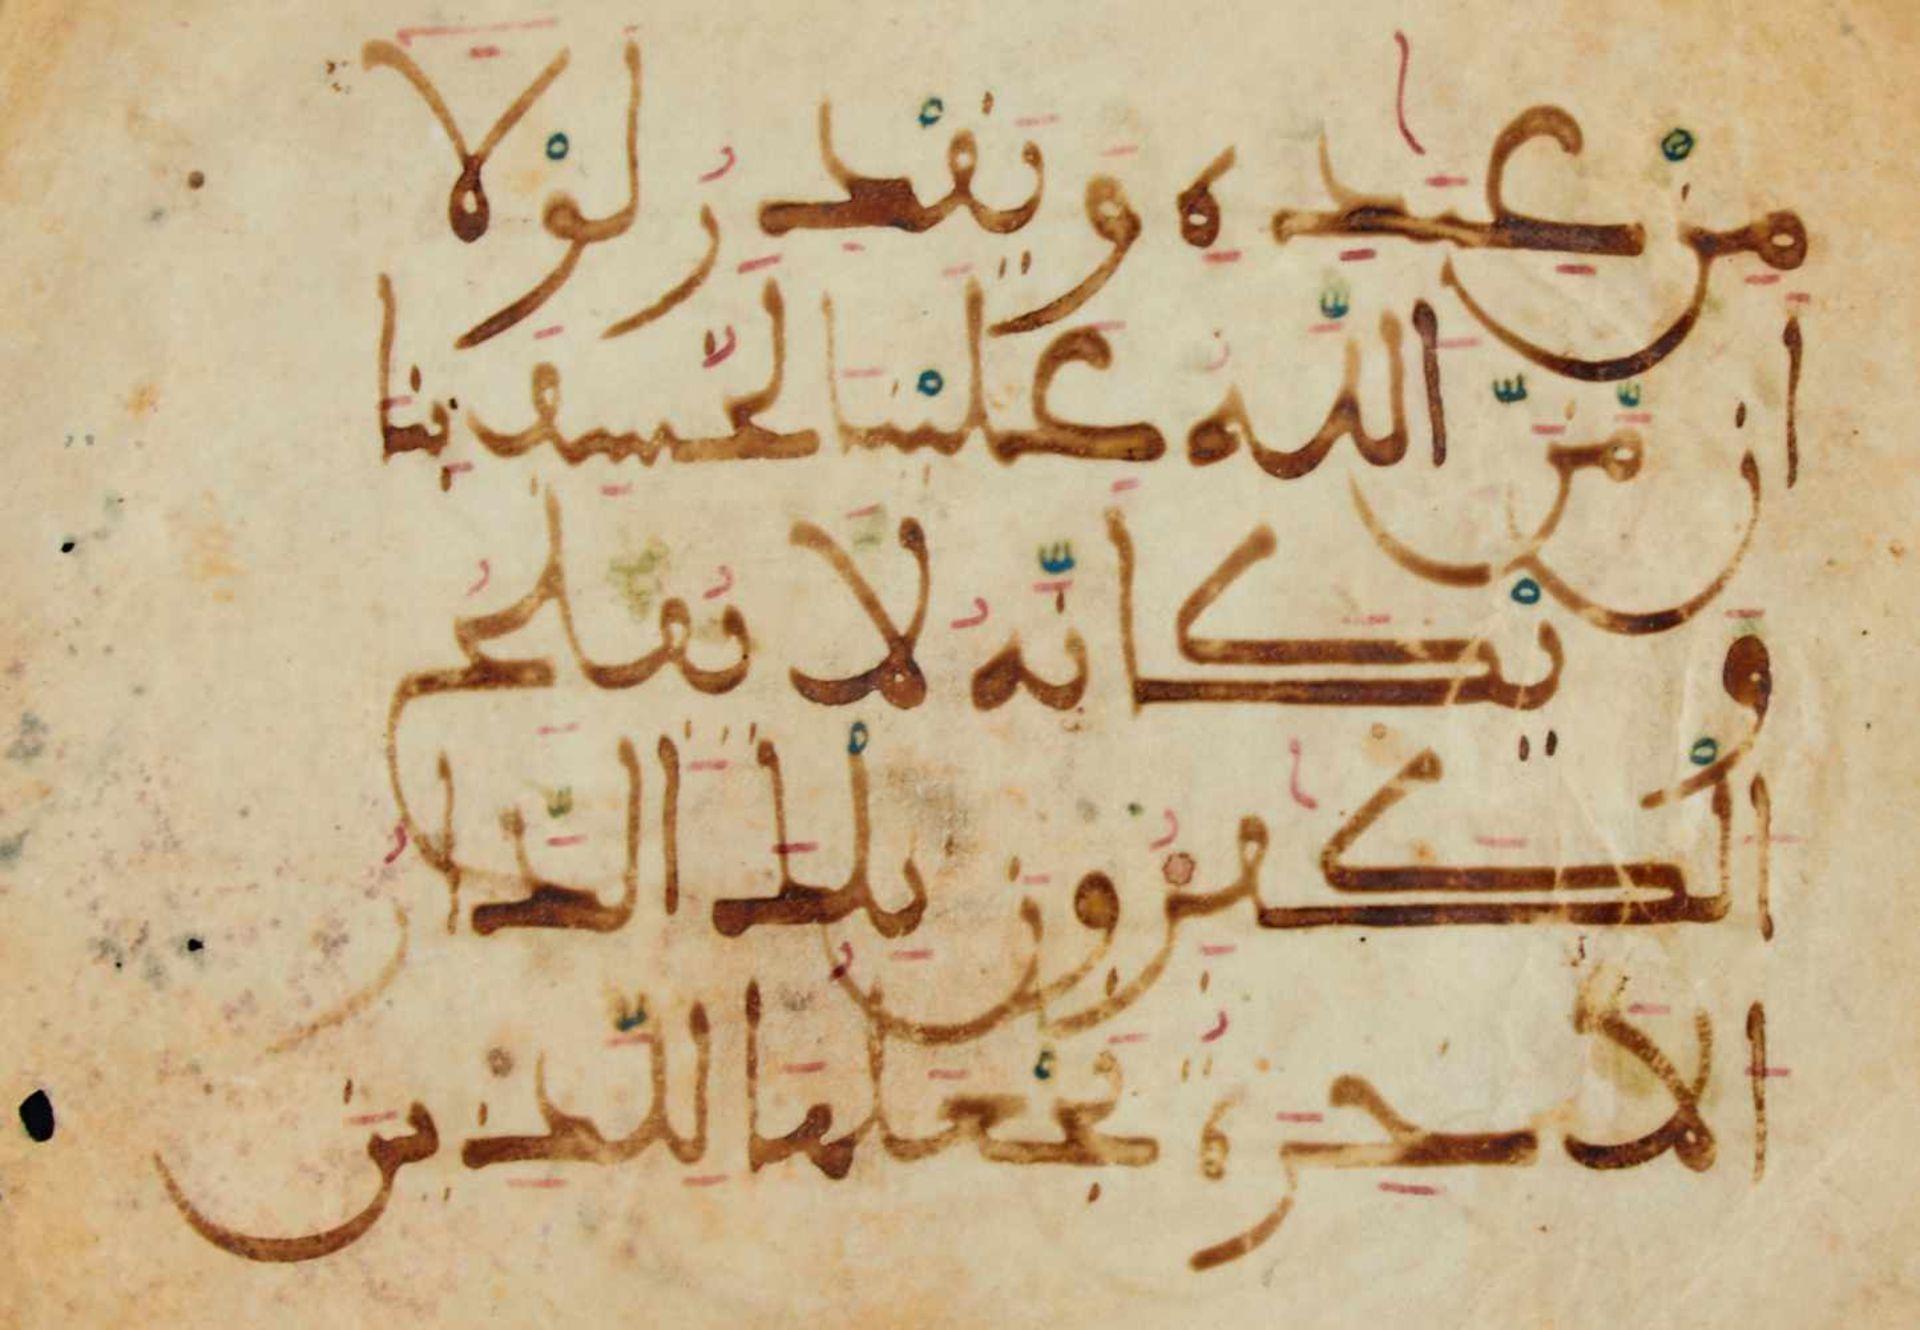 Koran - Zwei Blätter mit Texten aus dem Koranaus einer maghrebinischen Handschrift auf Pergament. - Bild 4 aus 4